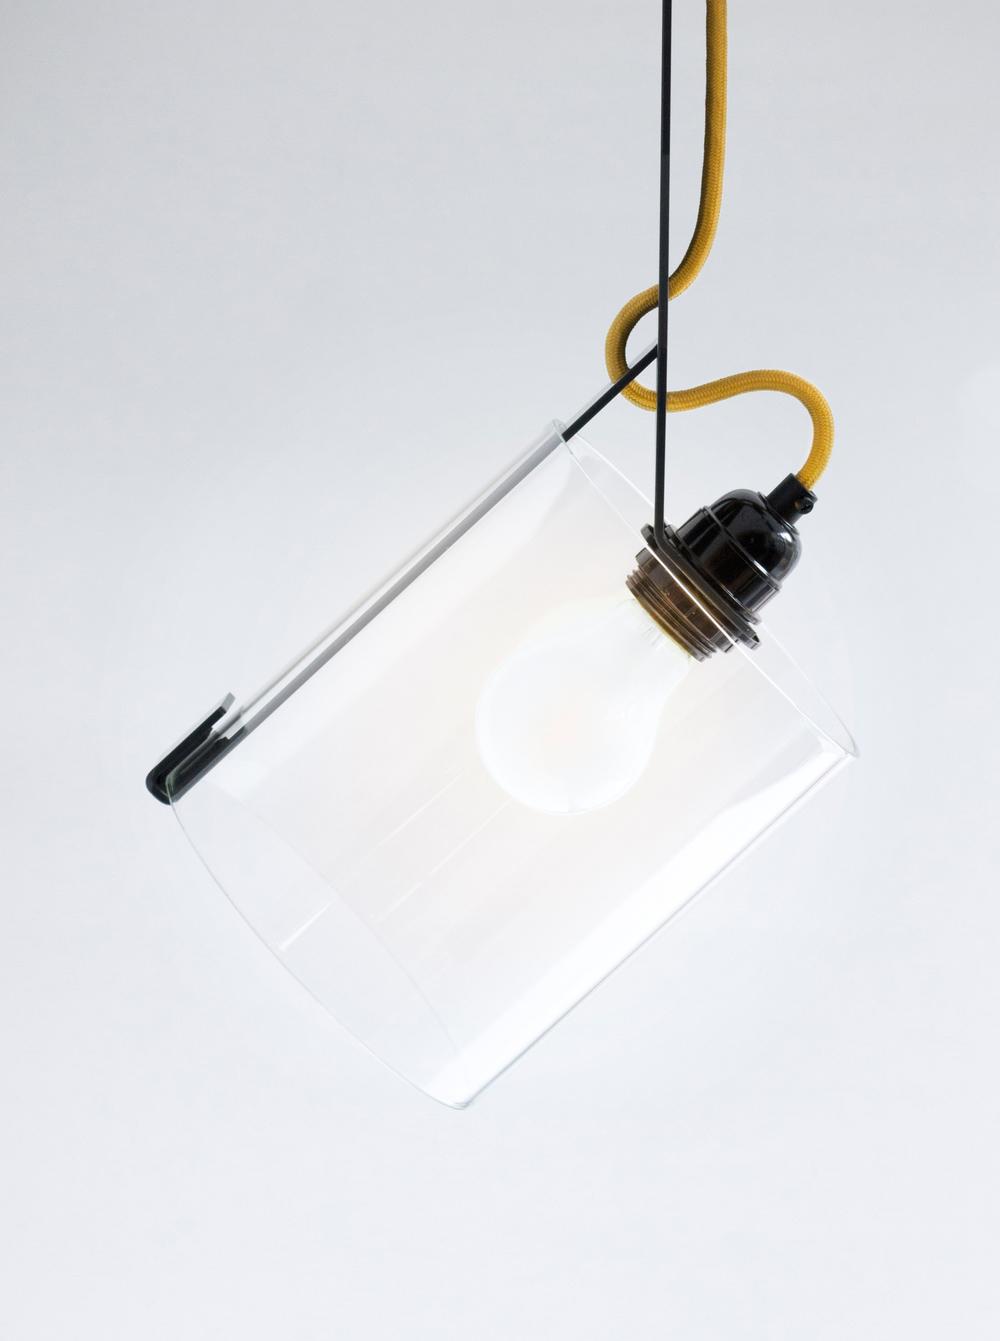 Glaszylinder werden von den Bügeln gehalten